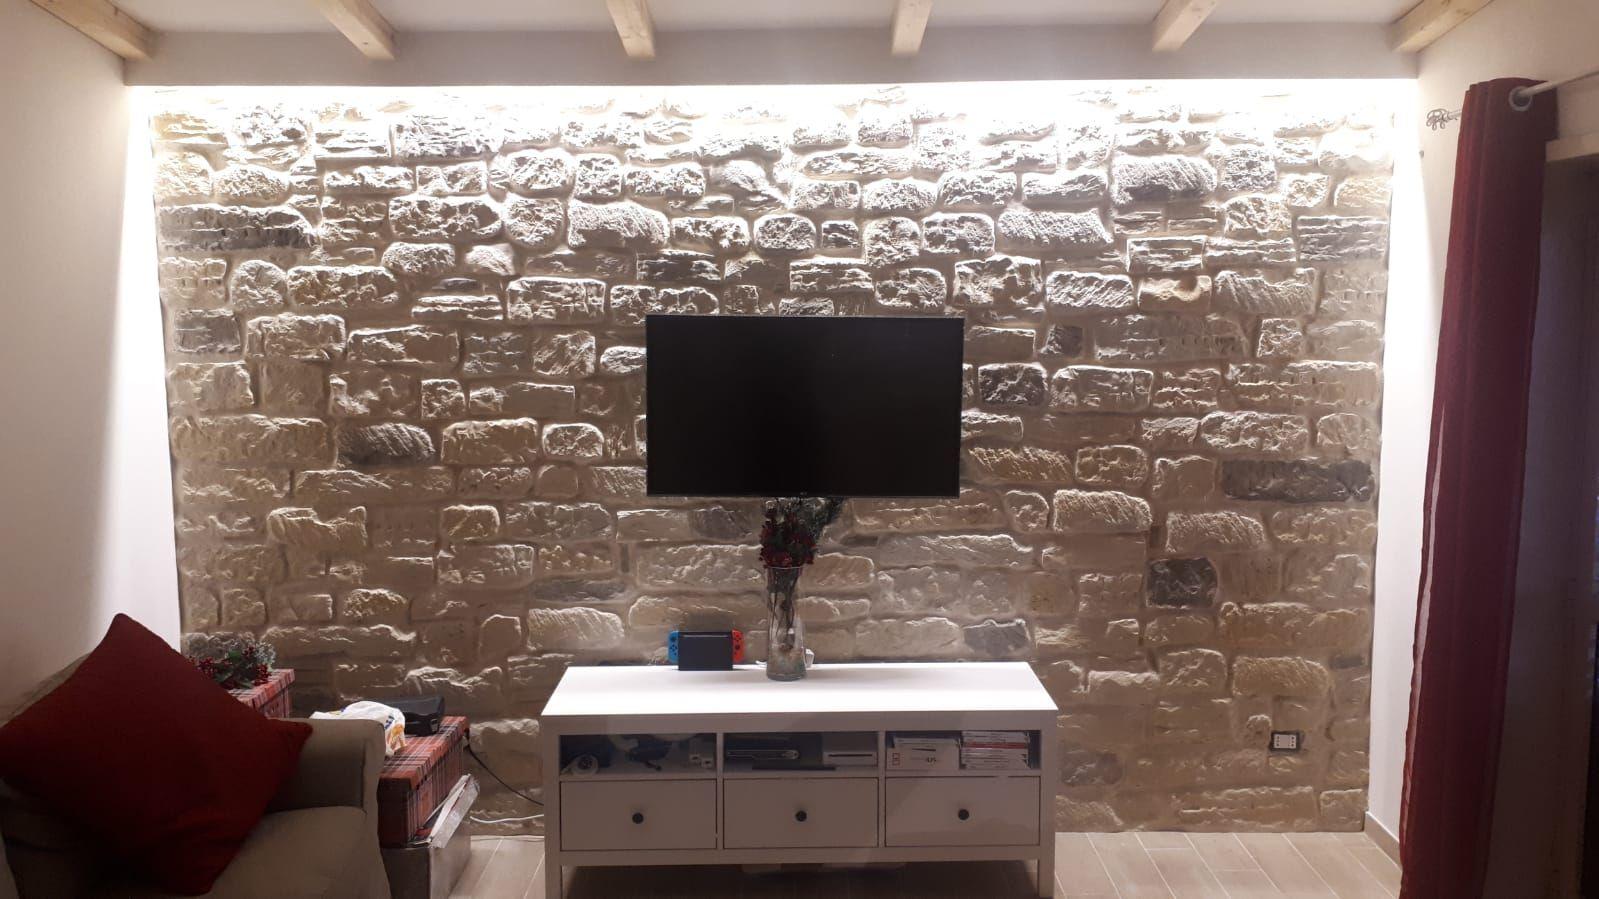 983986c24e Soggiorno rivestito con pietra ricostruita made in ITALY 100% by PRIMICERI.  Rivestimento in foto